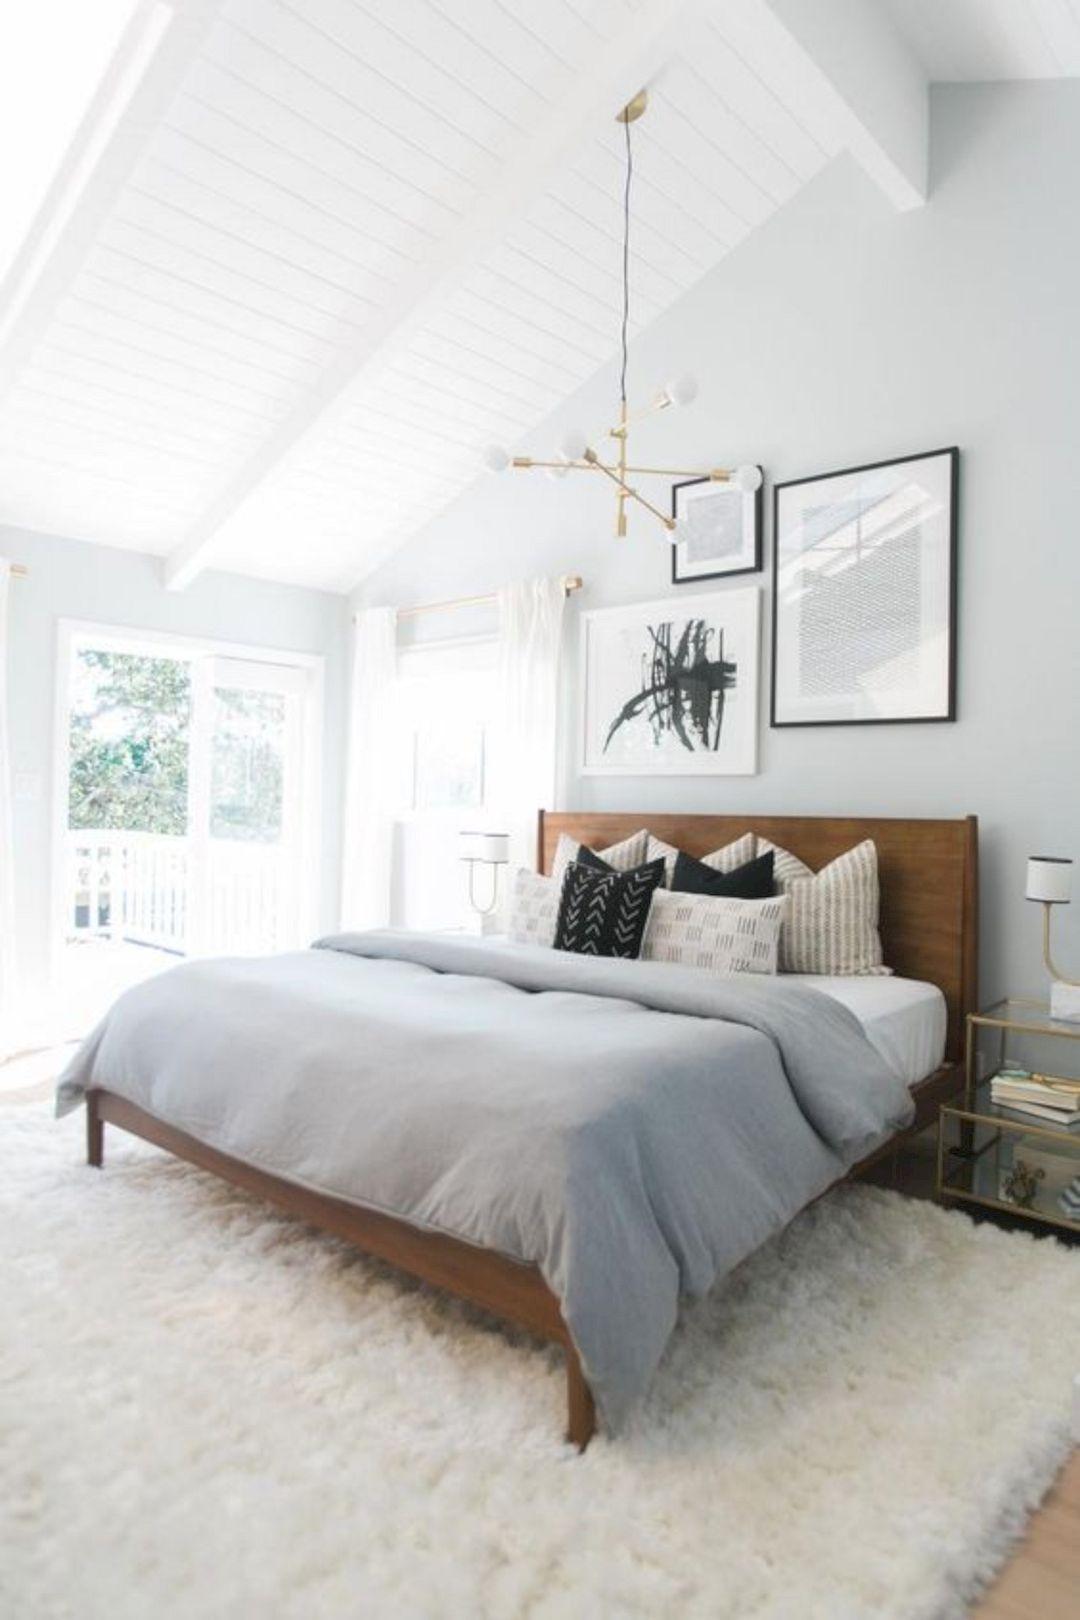 15 Bedroom Lighting Designs httpswwwdesignlisticlecombedroom 15 Bedroom